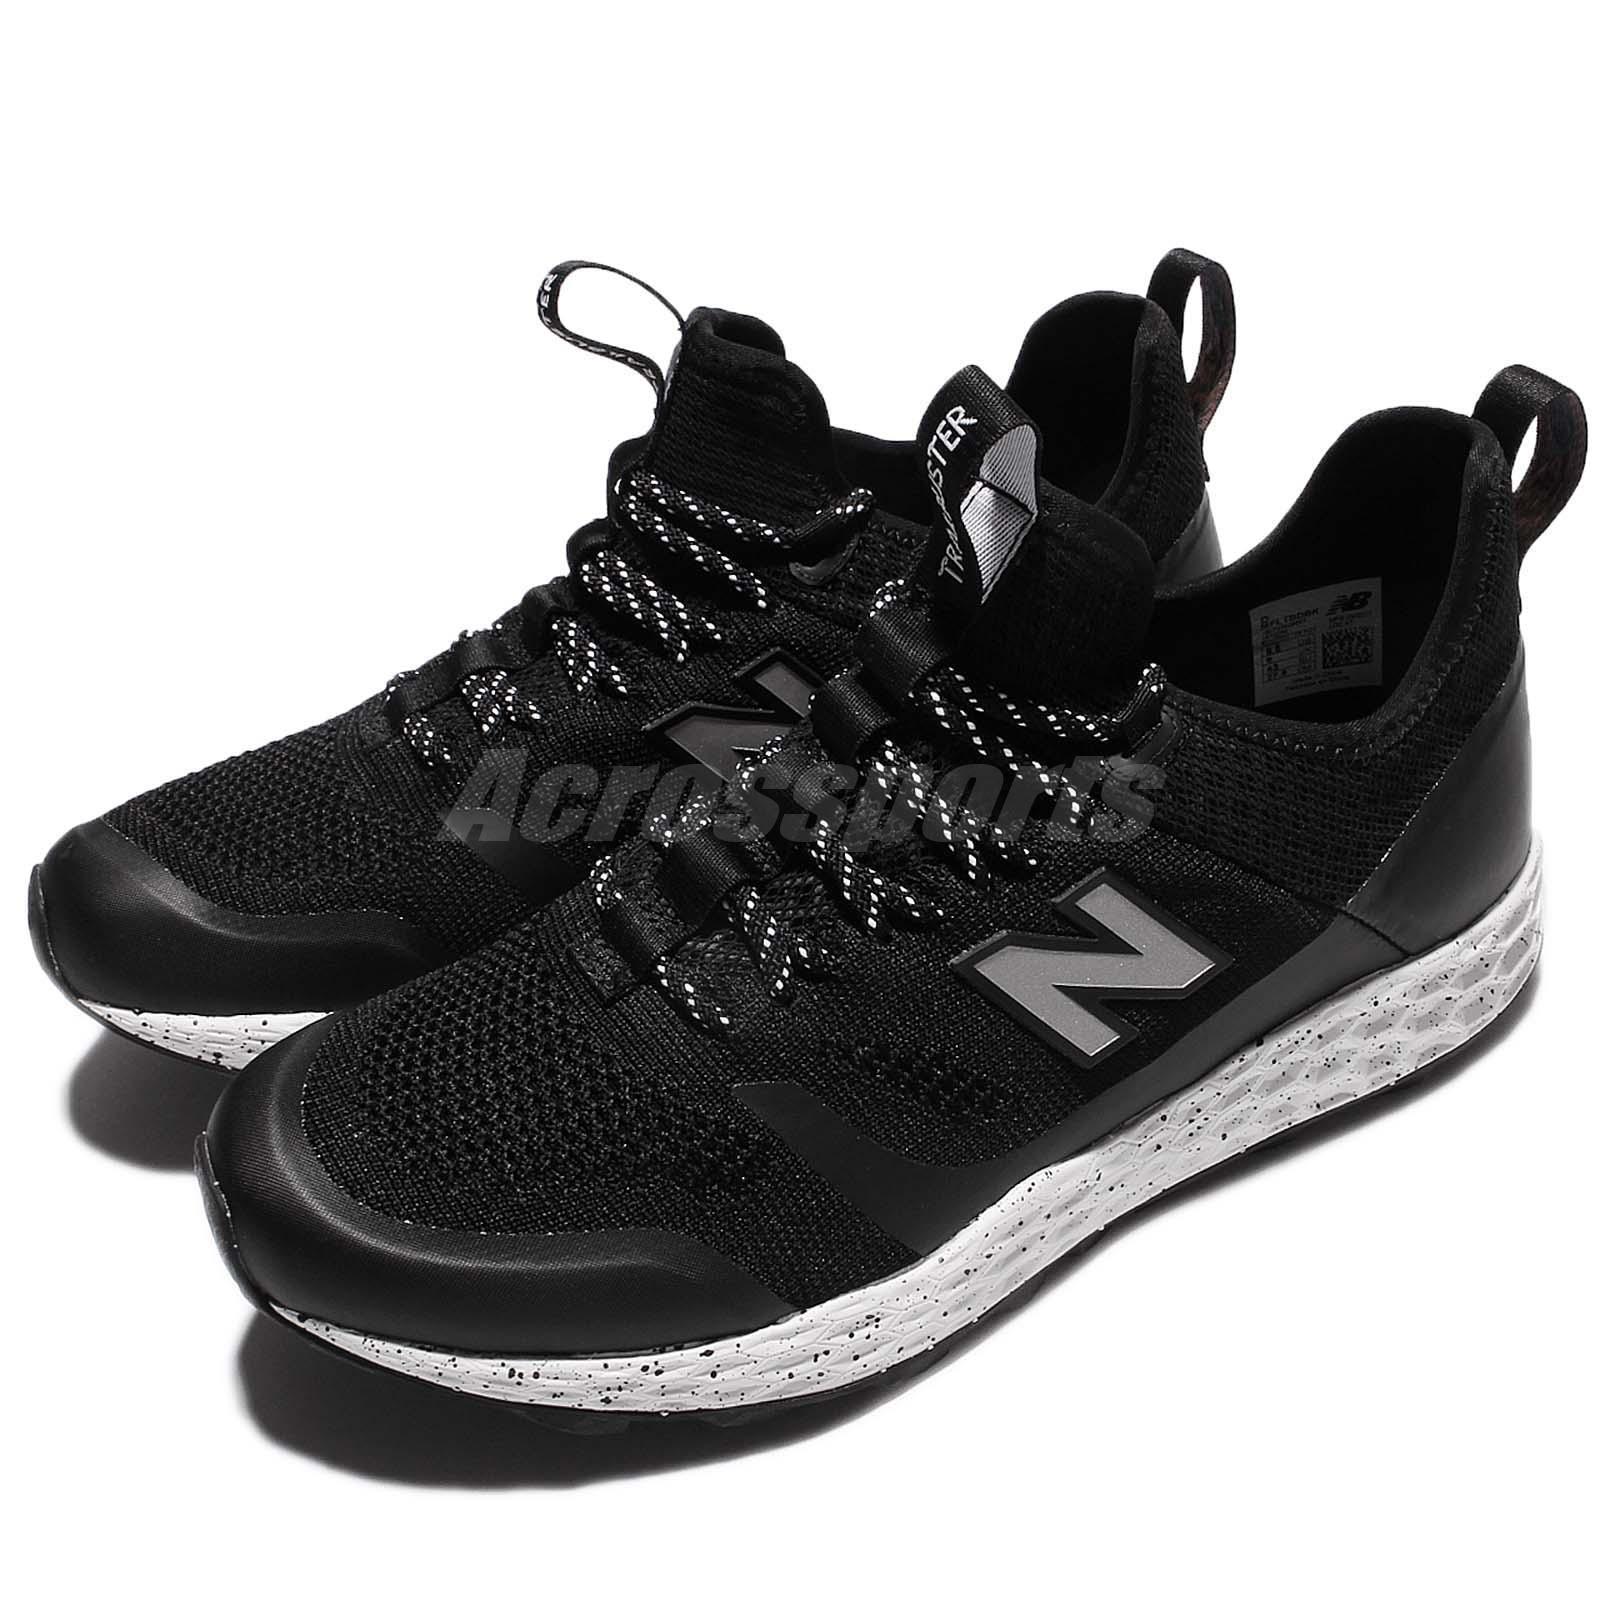 New Balance MFLTBDBK D Trailbuster Black White Men Outdoors Shoes MFLTBDBKD